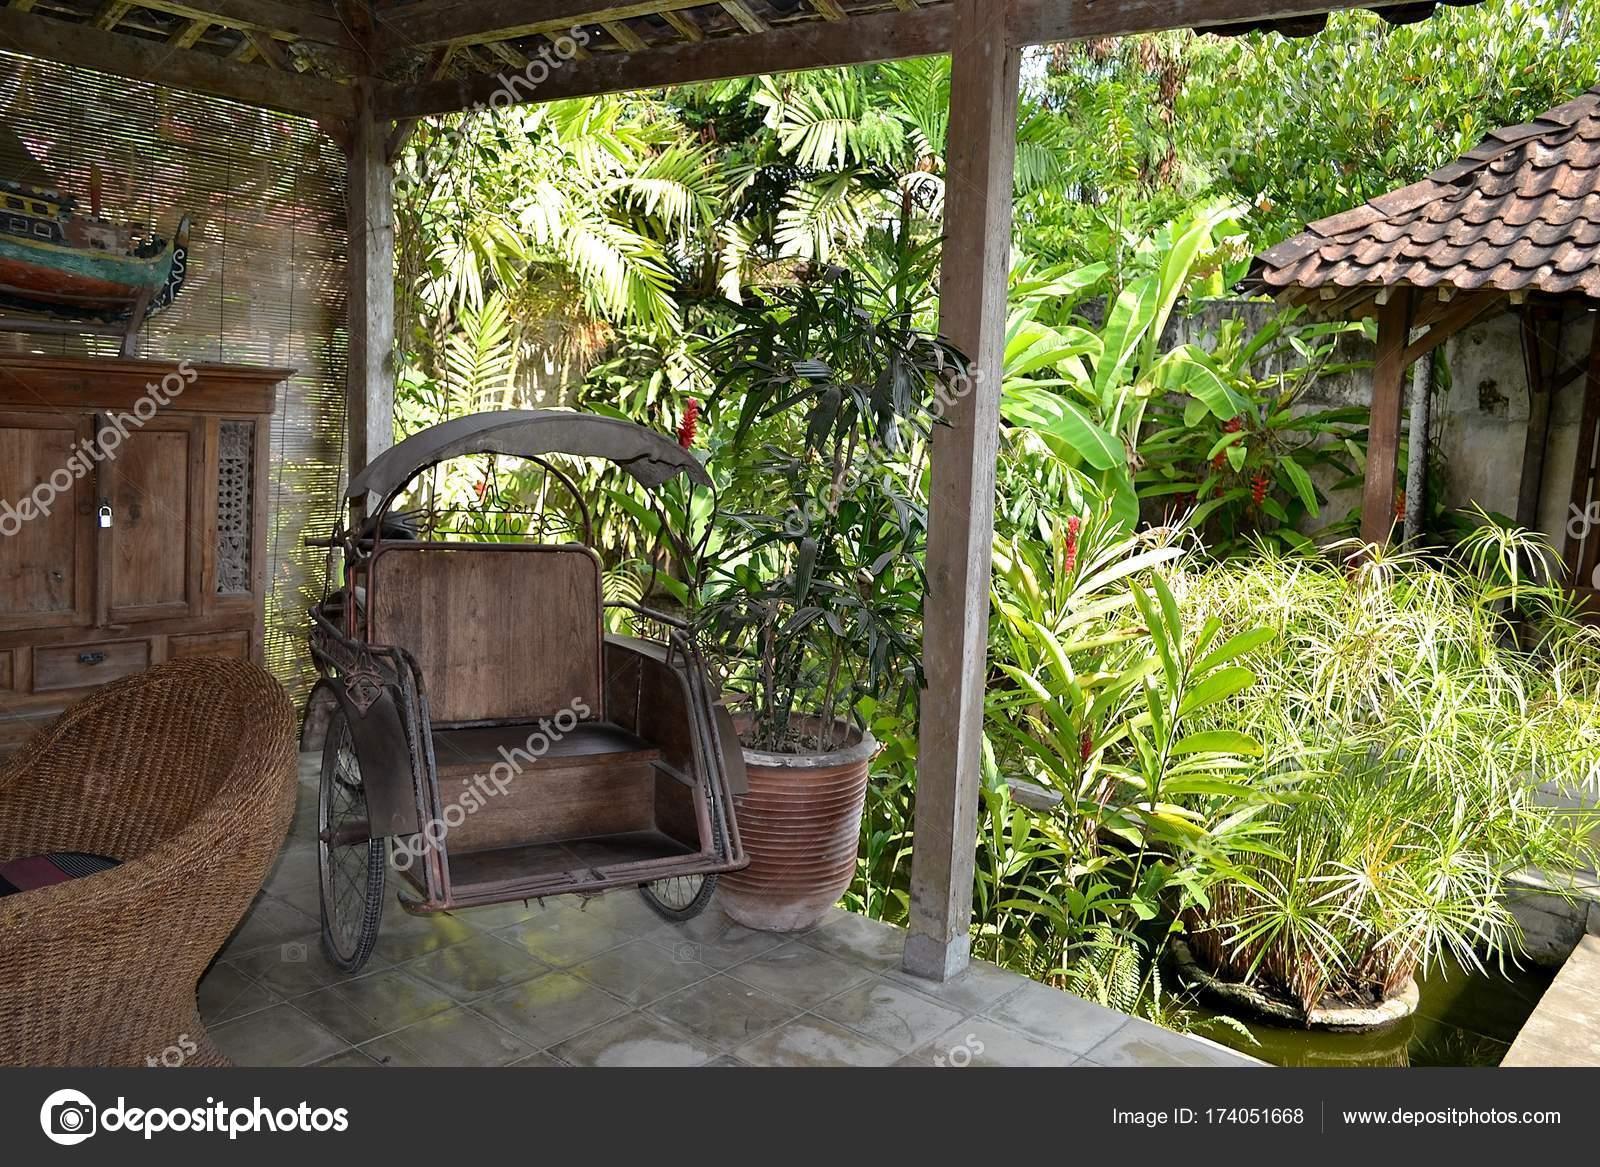 https://st3.depositphotos.com/8045052/17405/i/1600/depositphotos_174051668-stockafbeelding-interieur-houten-terras-een-tropische.jpg